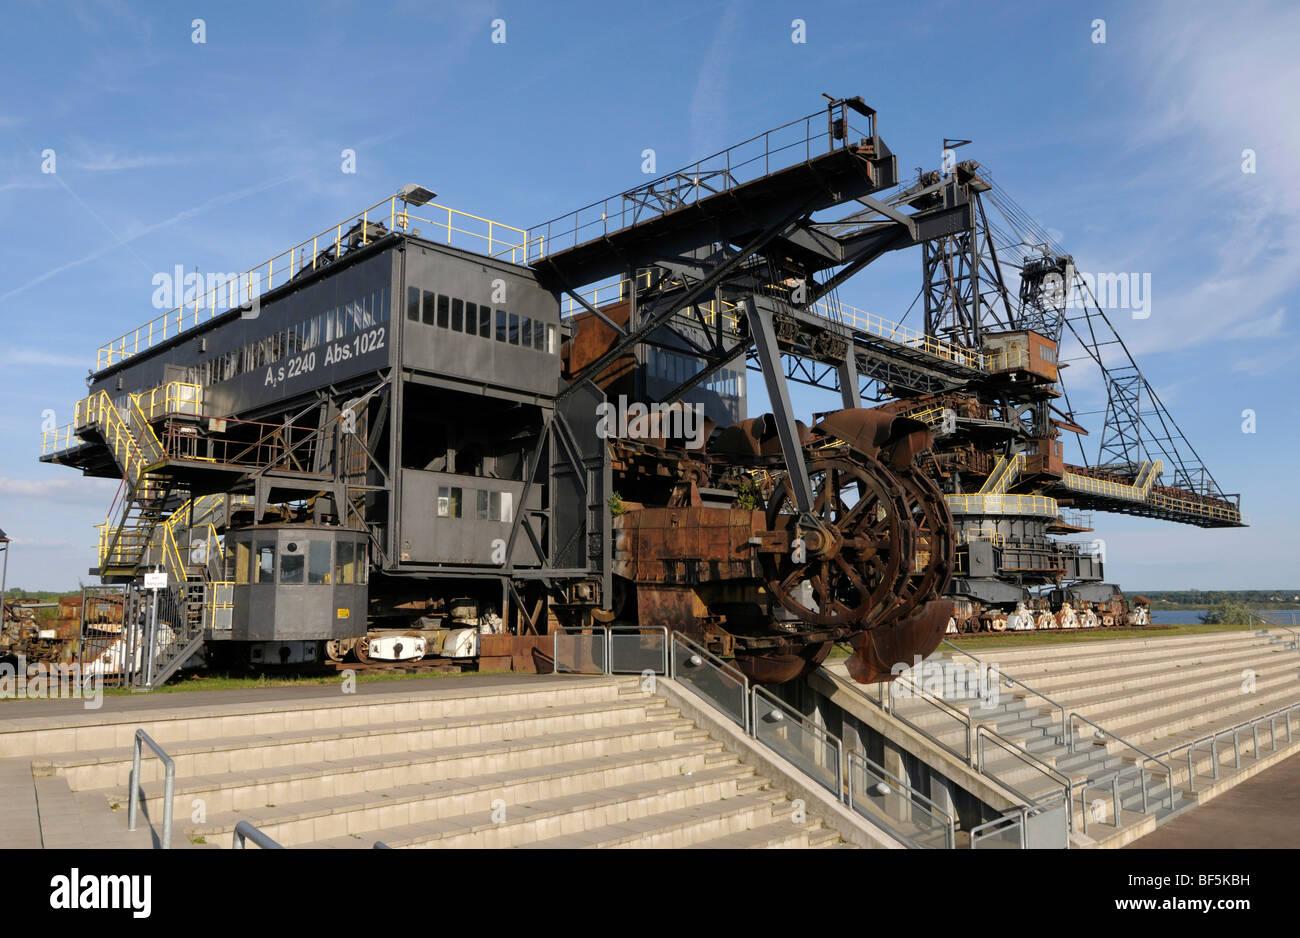 Iron Strip Stock Photos & Iron Strip Stock Images - Alamy